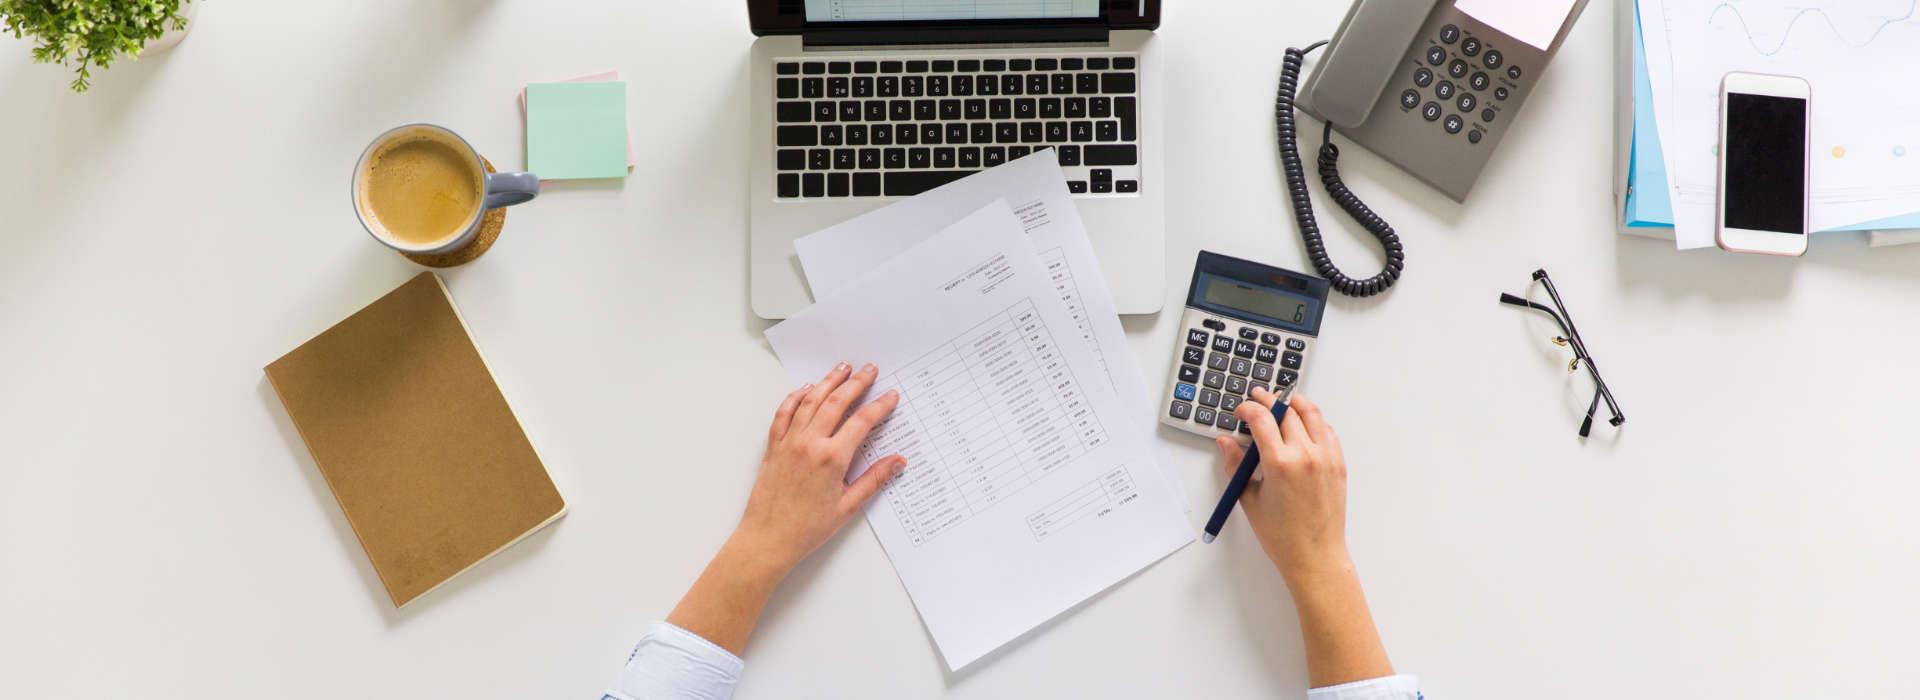 Nos encargamos de gestionar todas tus obligaciones a nivel laboral - El Asesor online